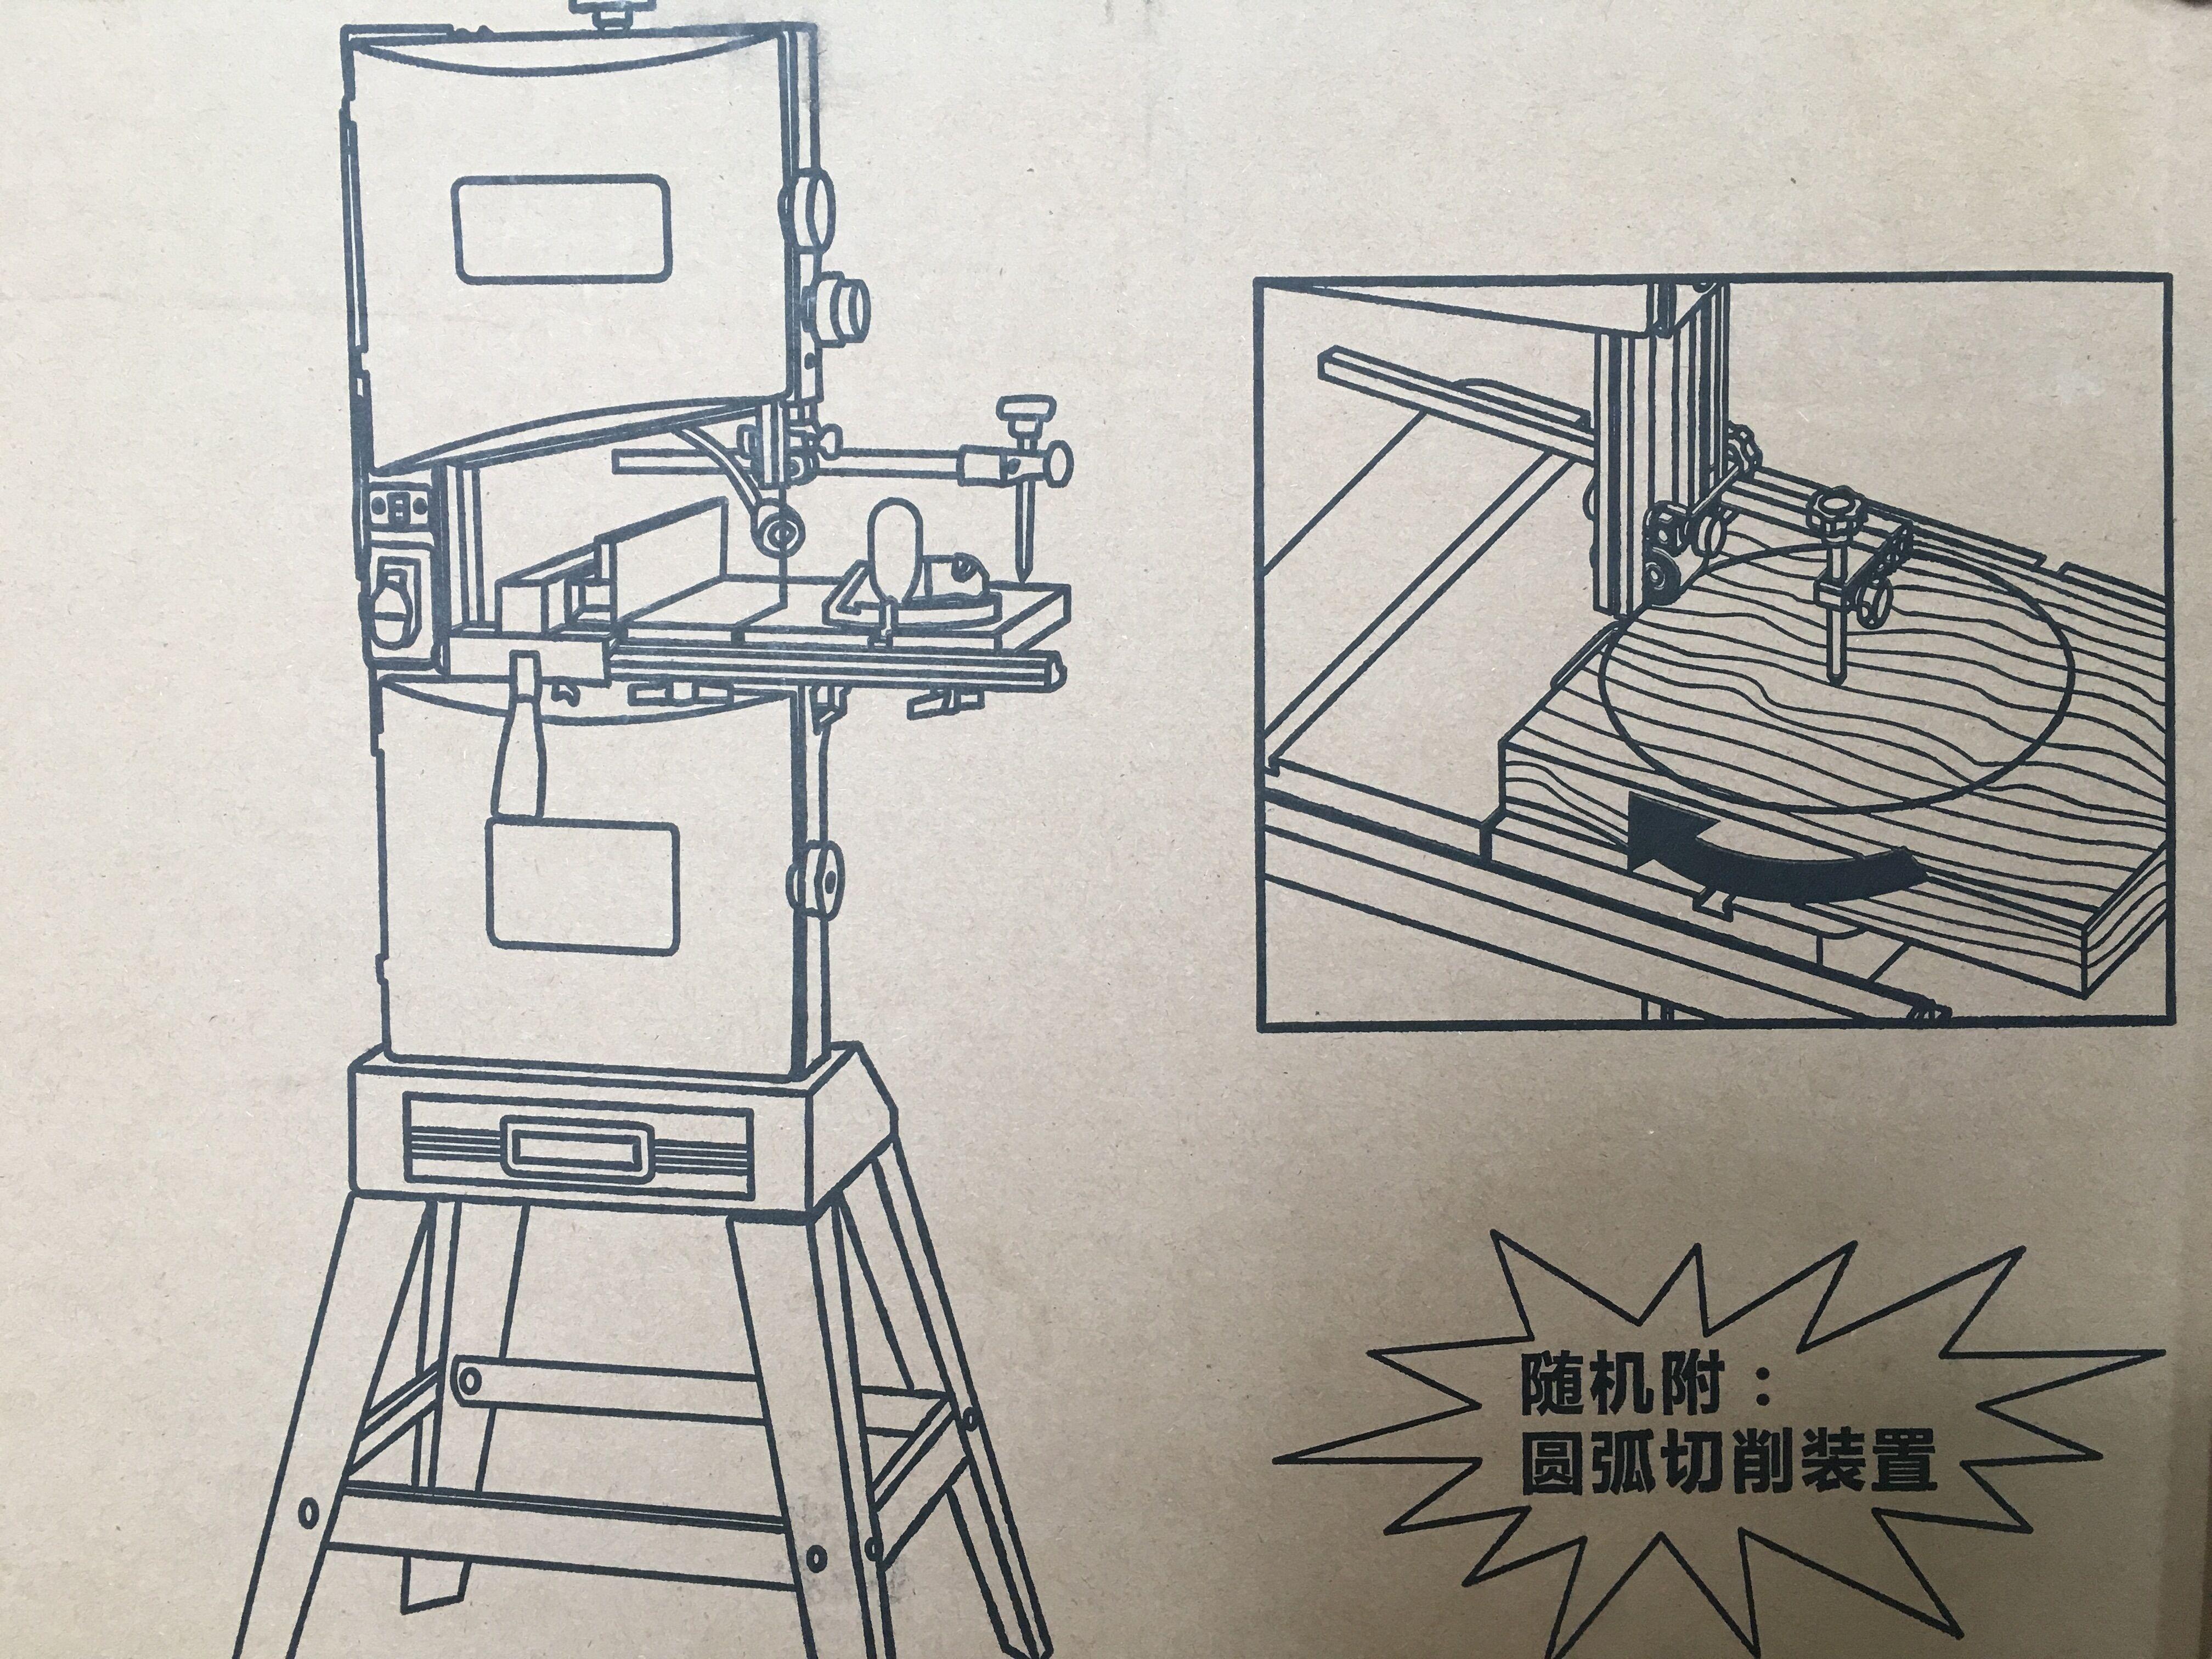 带锯 木工带锯 10寸12寸14寸专业带锯机  裁板切割机 木工工具